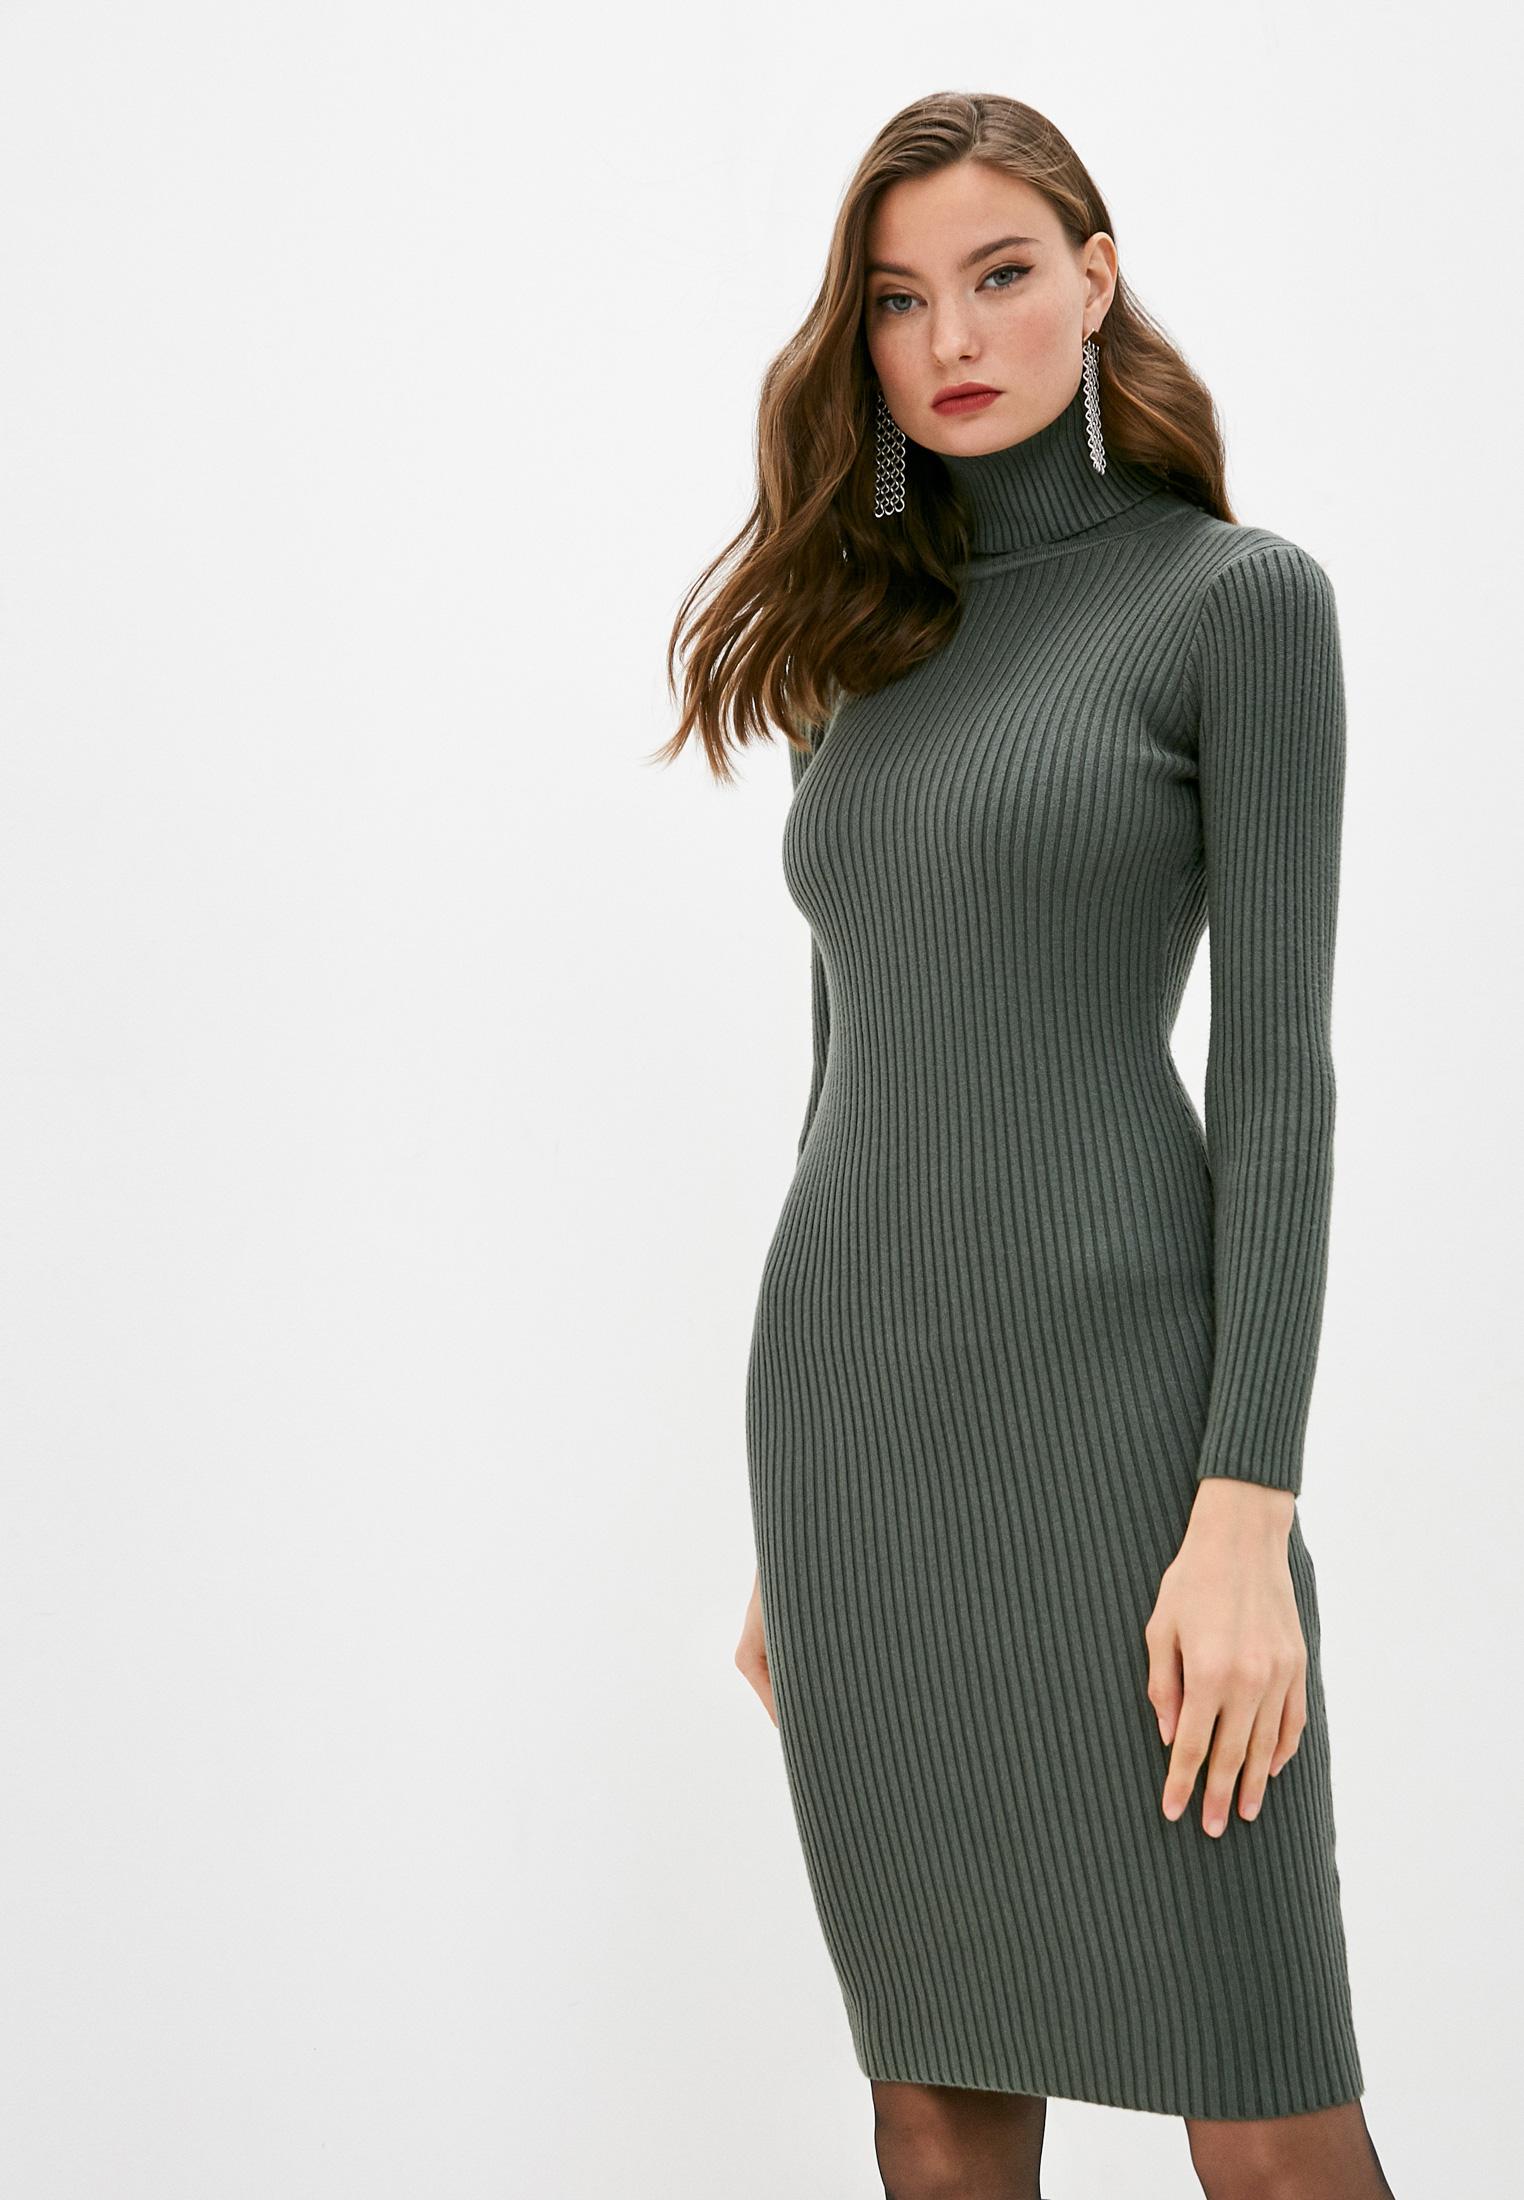 Вязаное платье Bigtora 968